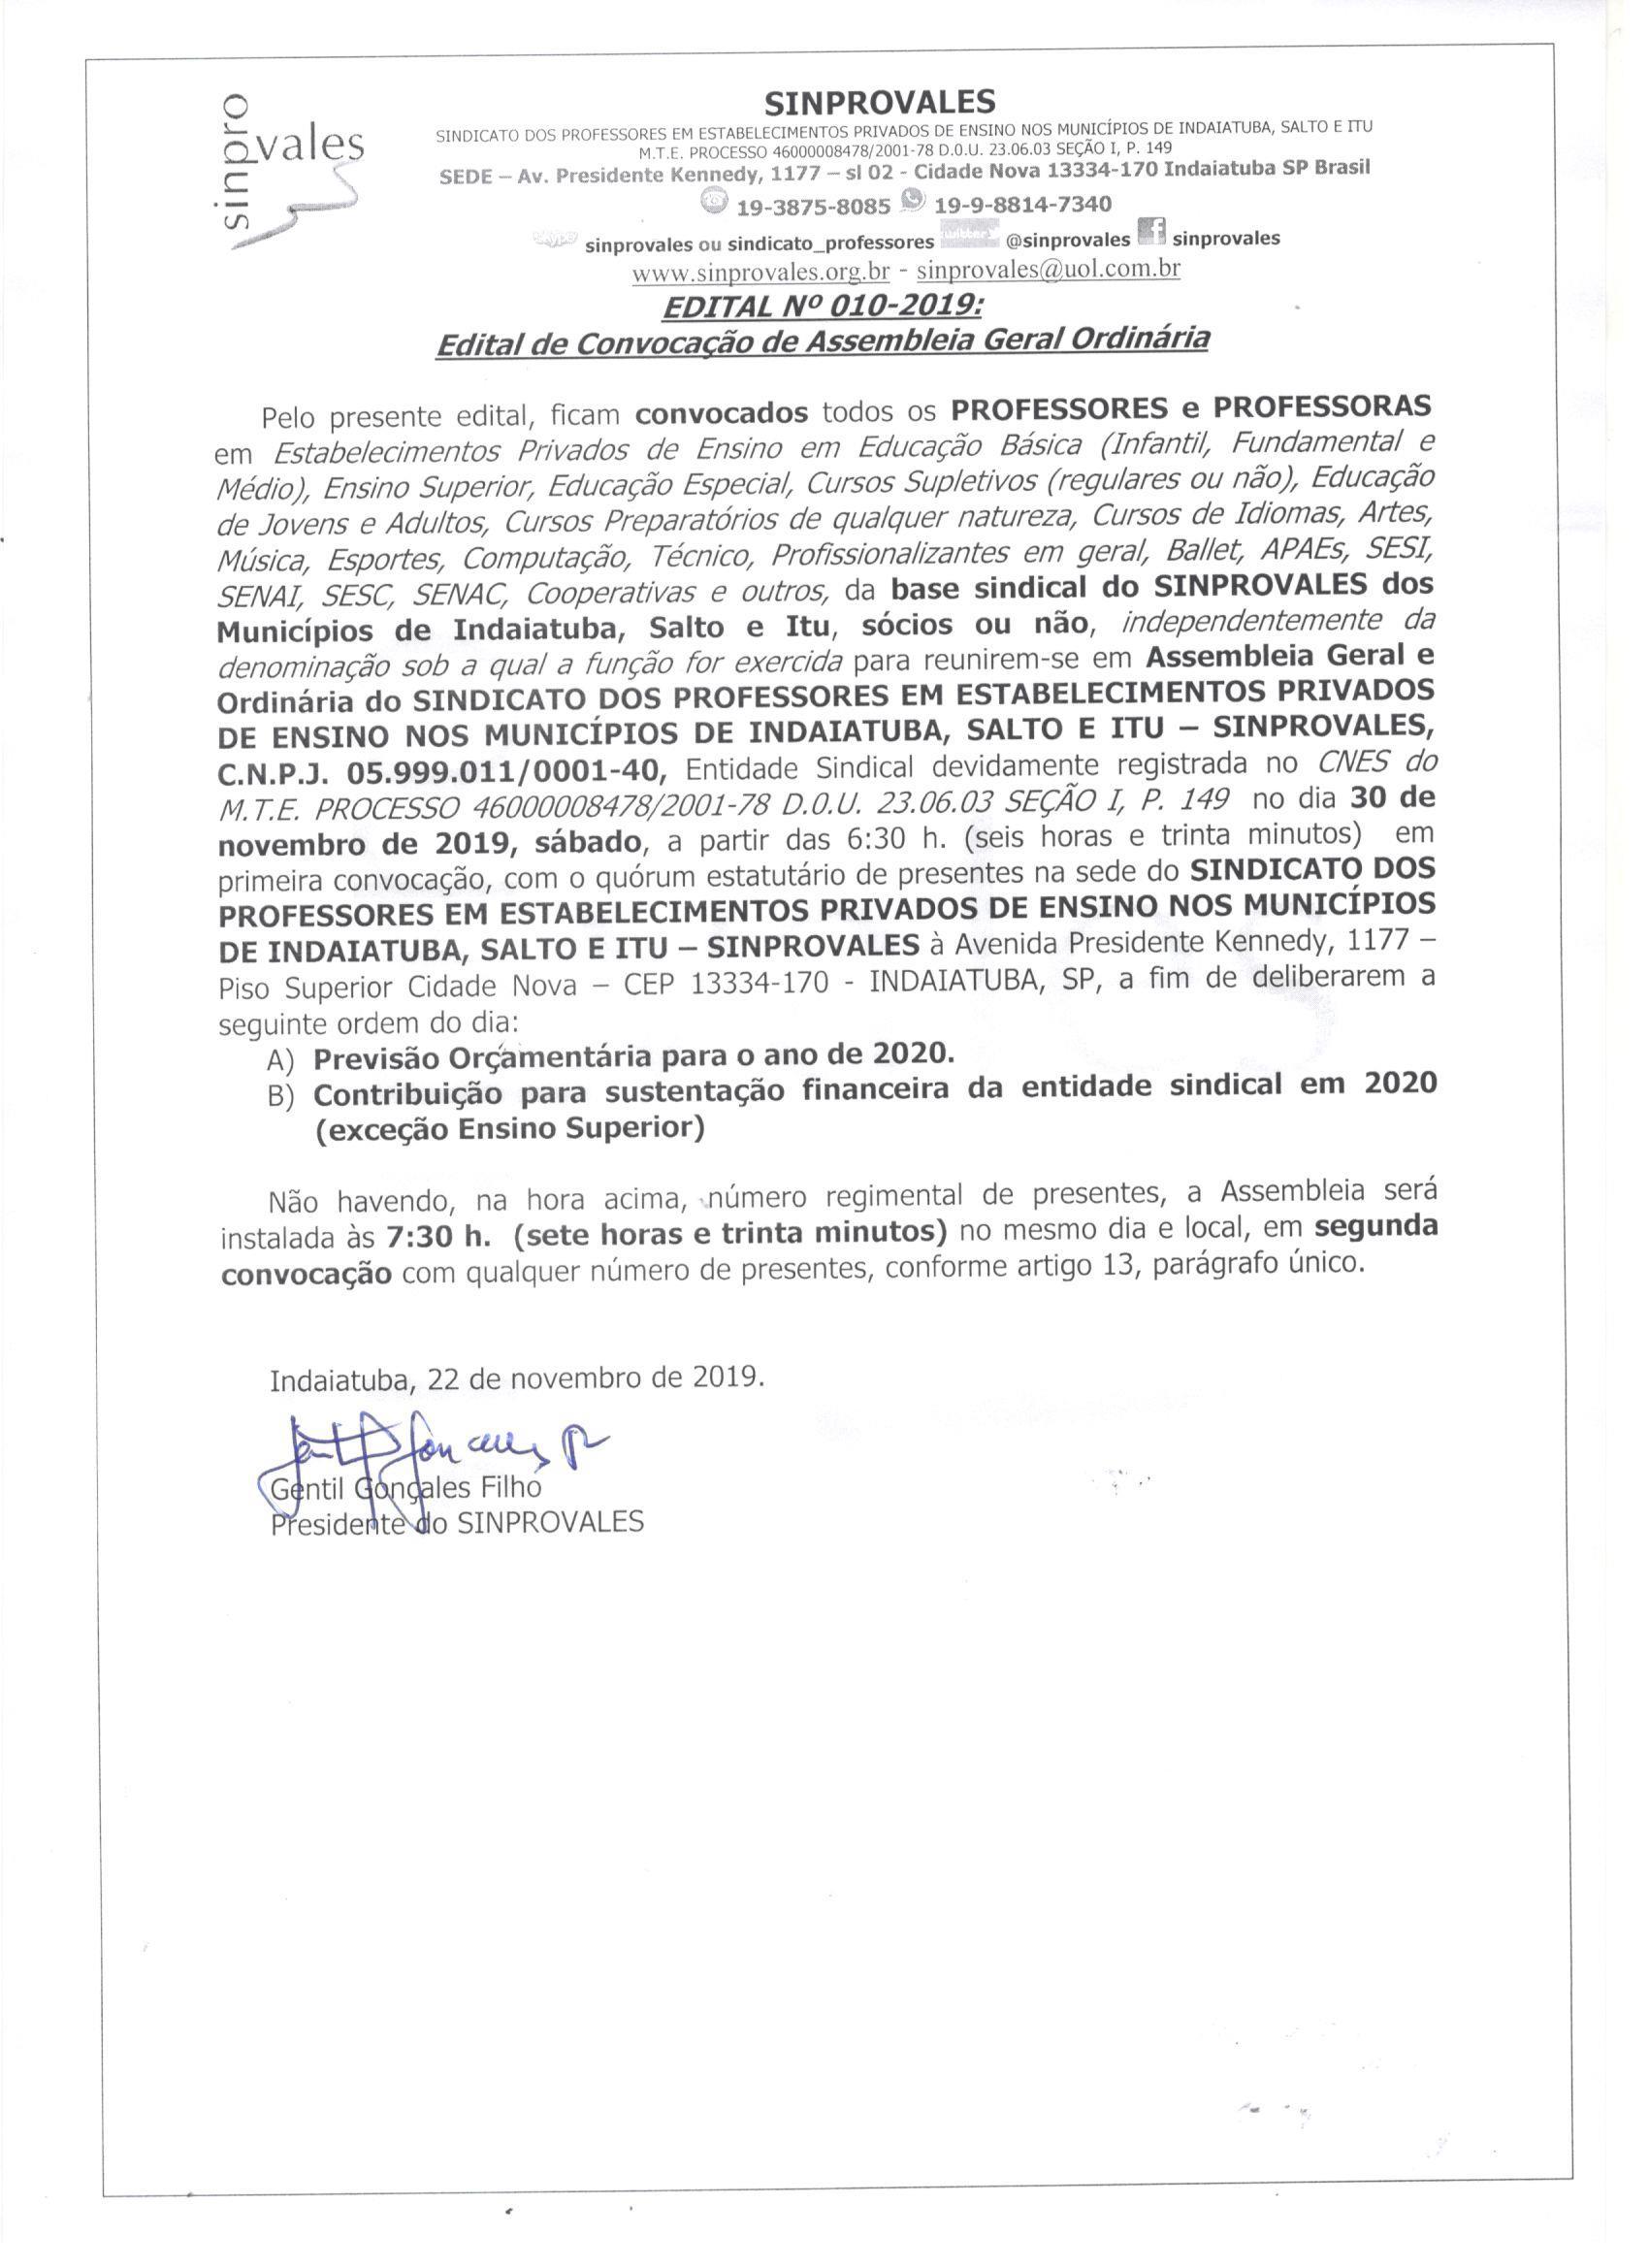 ASSEMBLEIA ORDINÁRIA DE PREVISÃO ORÇA,MENTÁRIA 2020 E SUSTENTAÇÃO DO SINDICATO - CONTRIBUIÇÕES DA EDUCAÇÃO BÁSICA E SISTEMA S